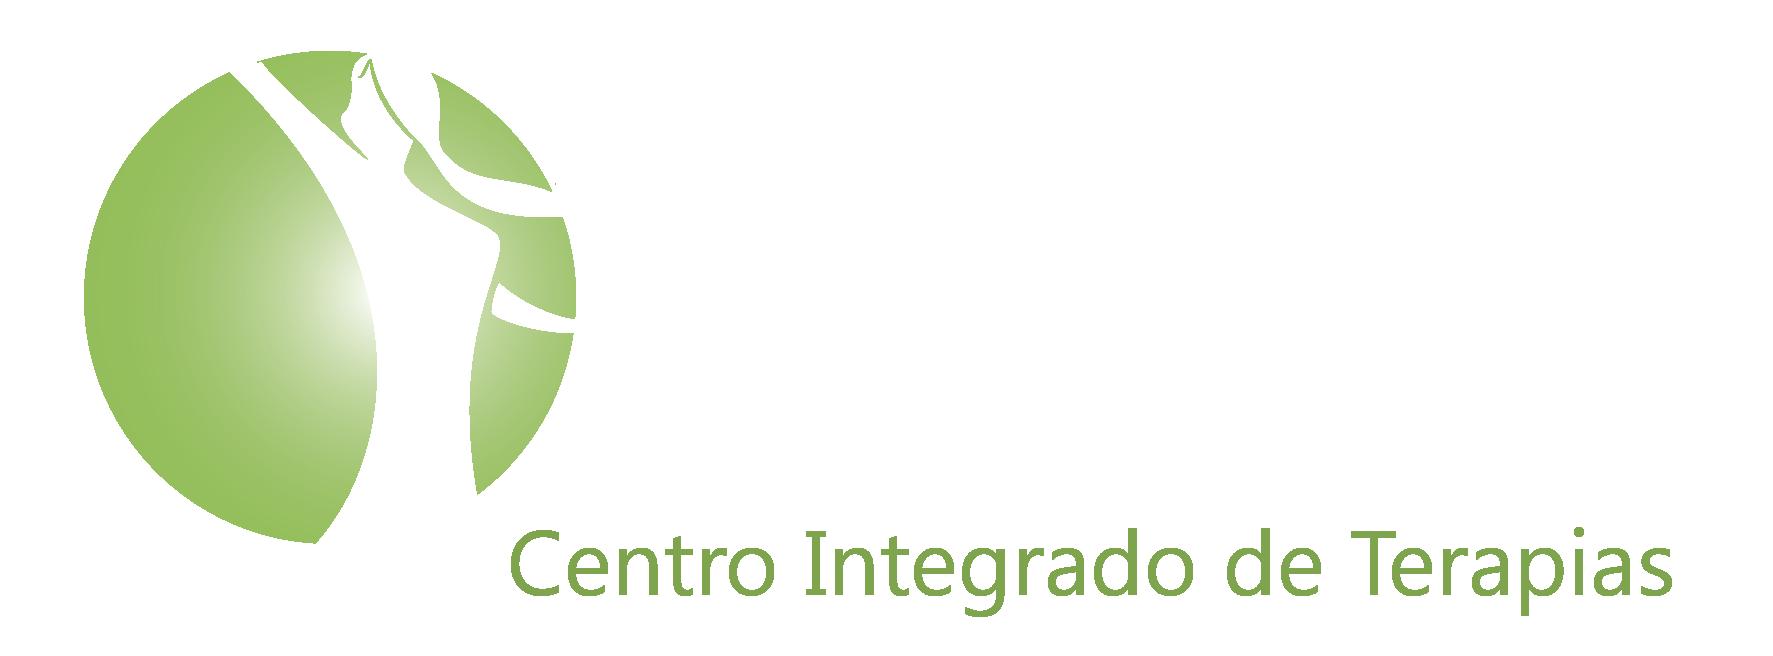 Centro Integrado de Terapias